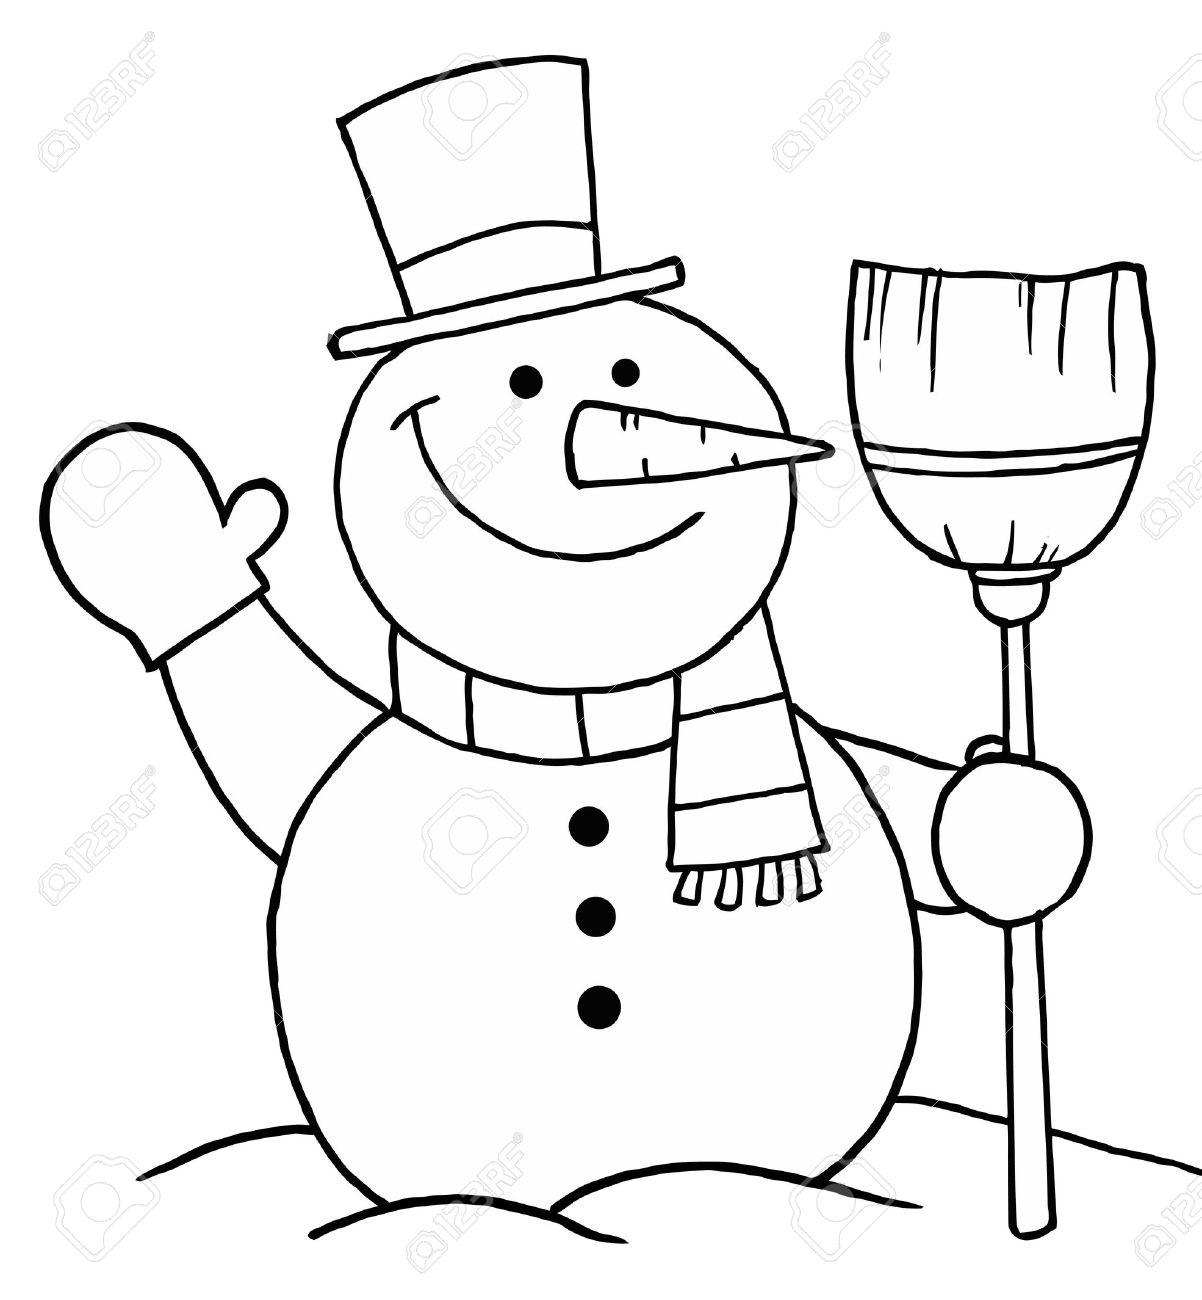 Schwarzweiss Malvorlagen Umriss Eines Schneemann Mit Einem Besen